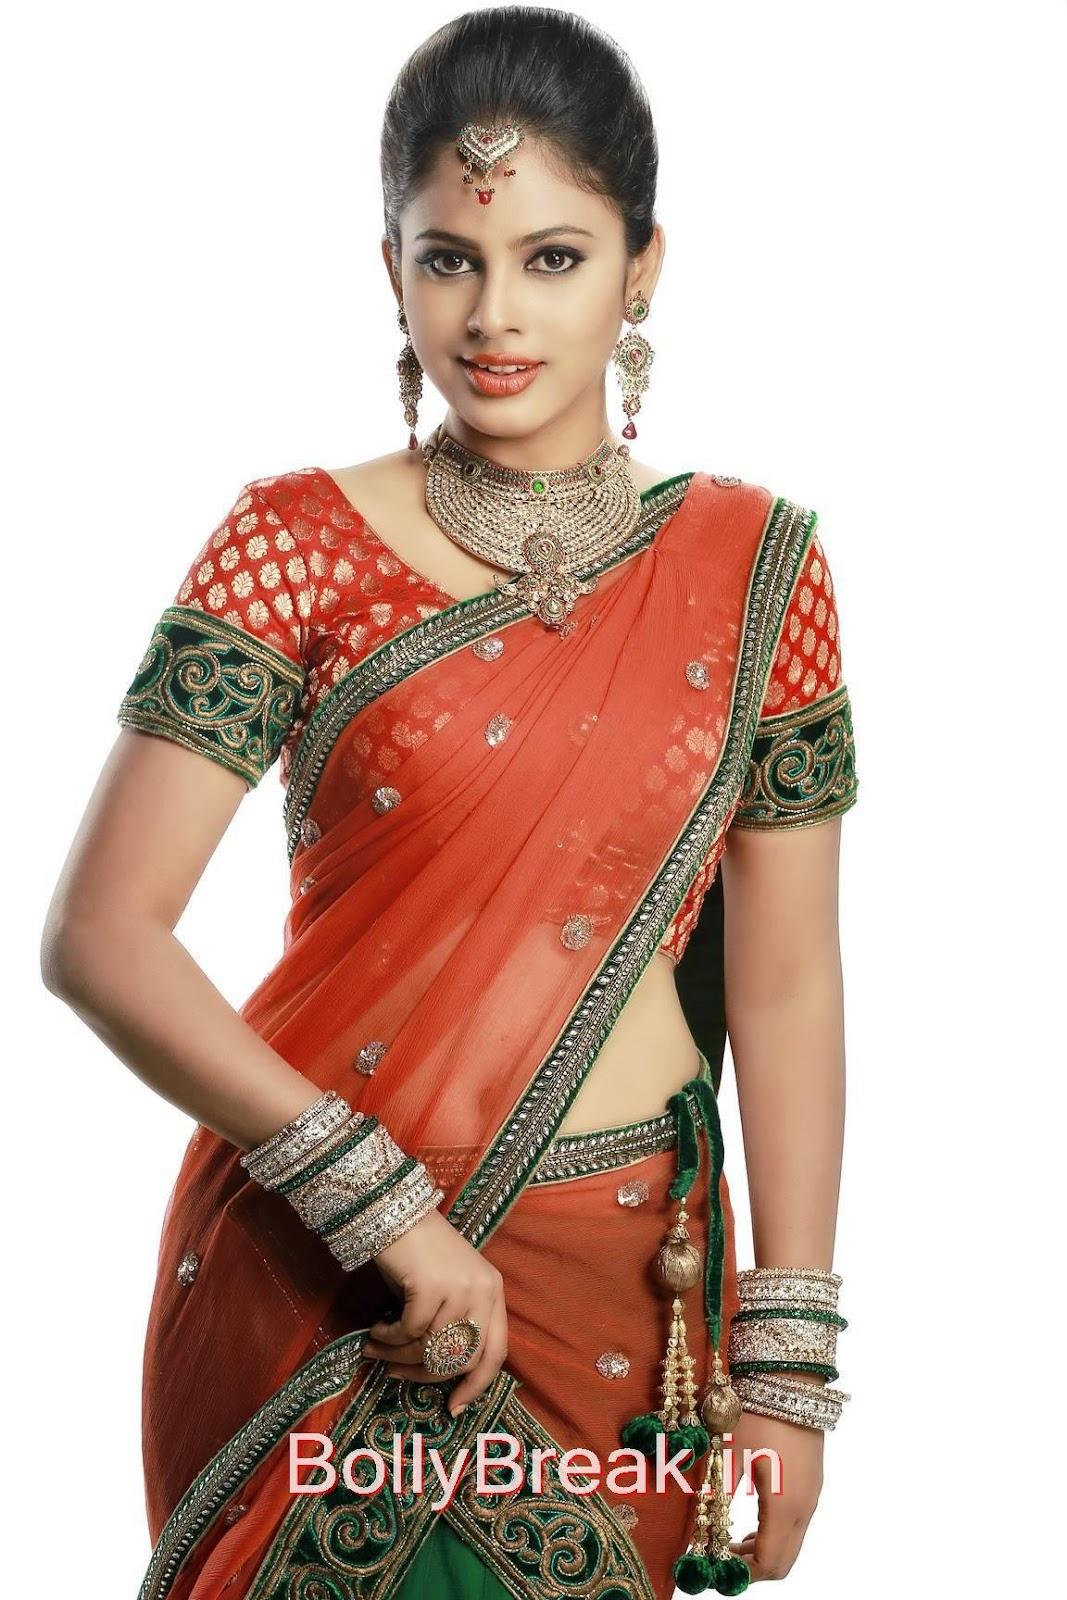 Kollywood Actress Nandita, Actress Nandita Swetha in Saree - Hot HD 2015 Pics